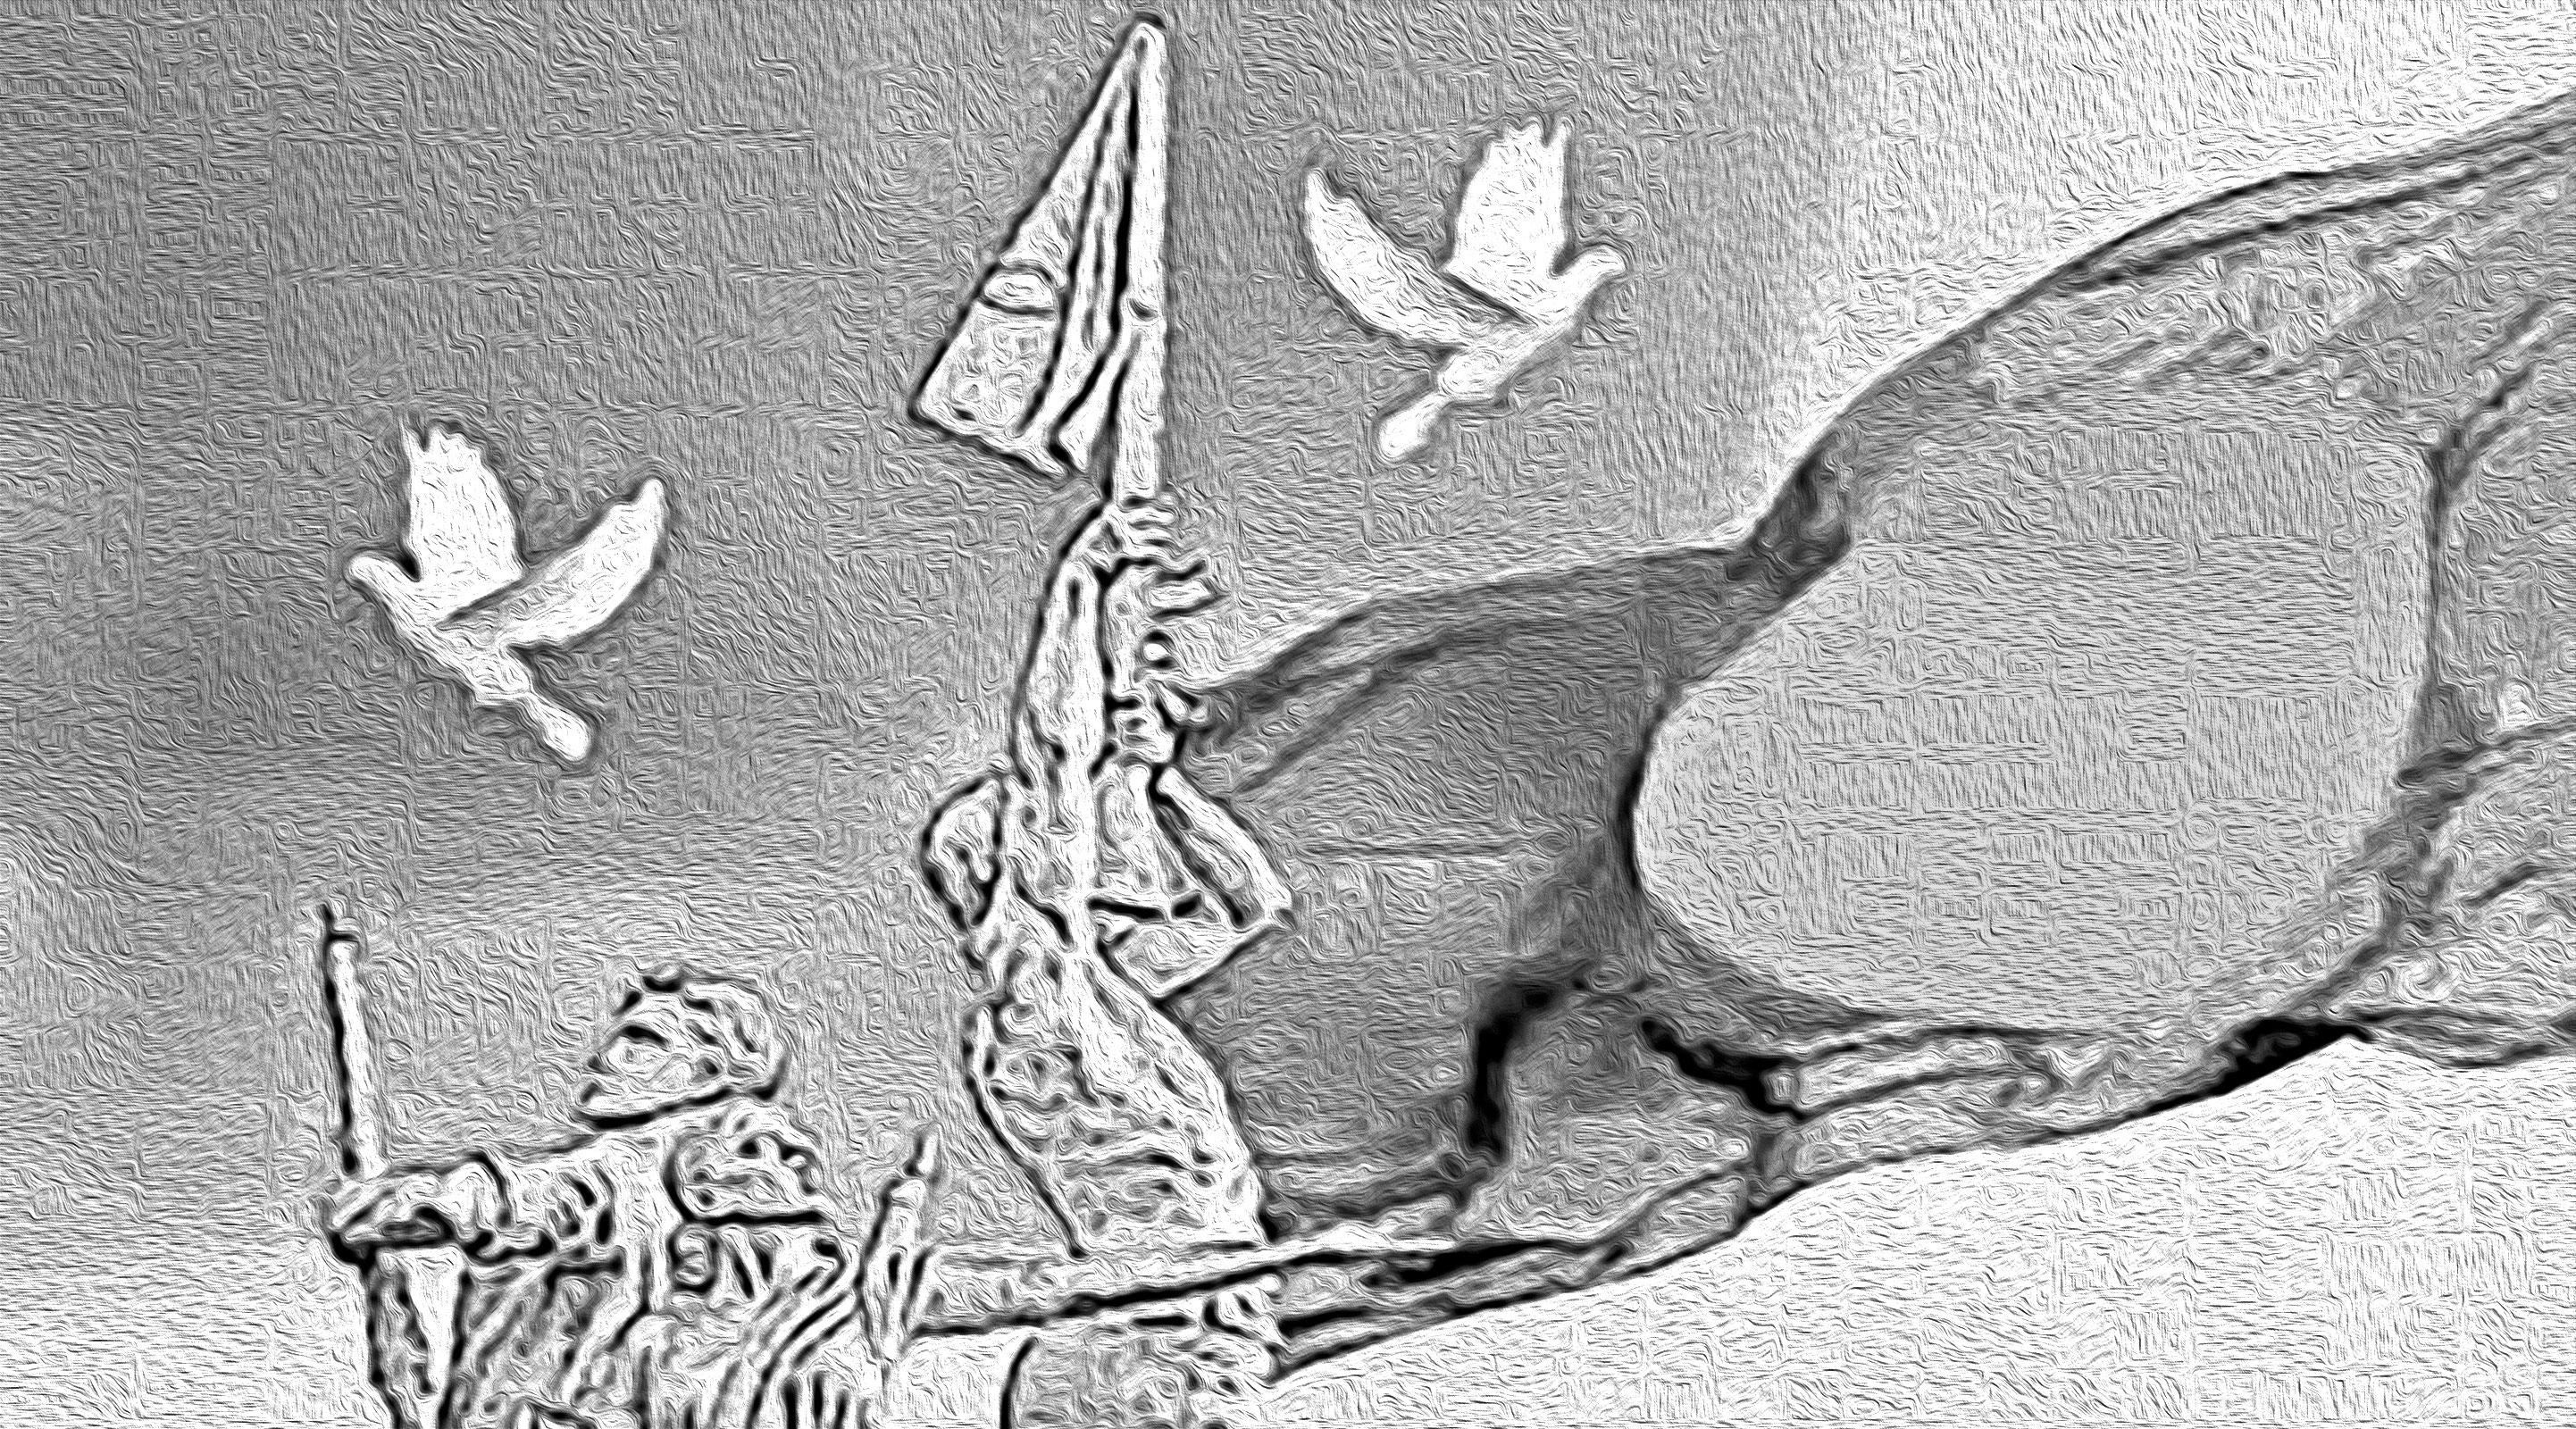 তারুণ্যের বিজয় ভাবনা